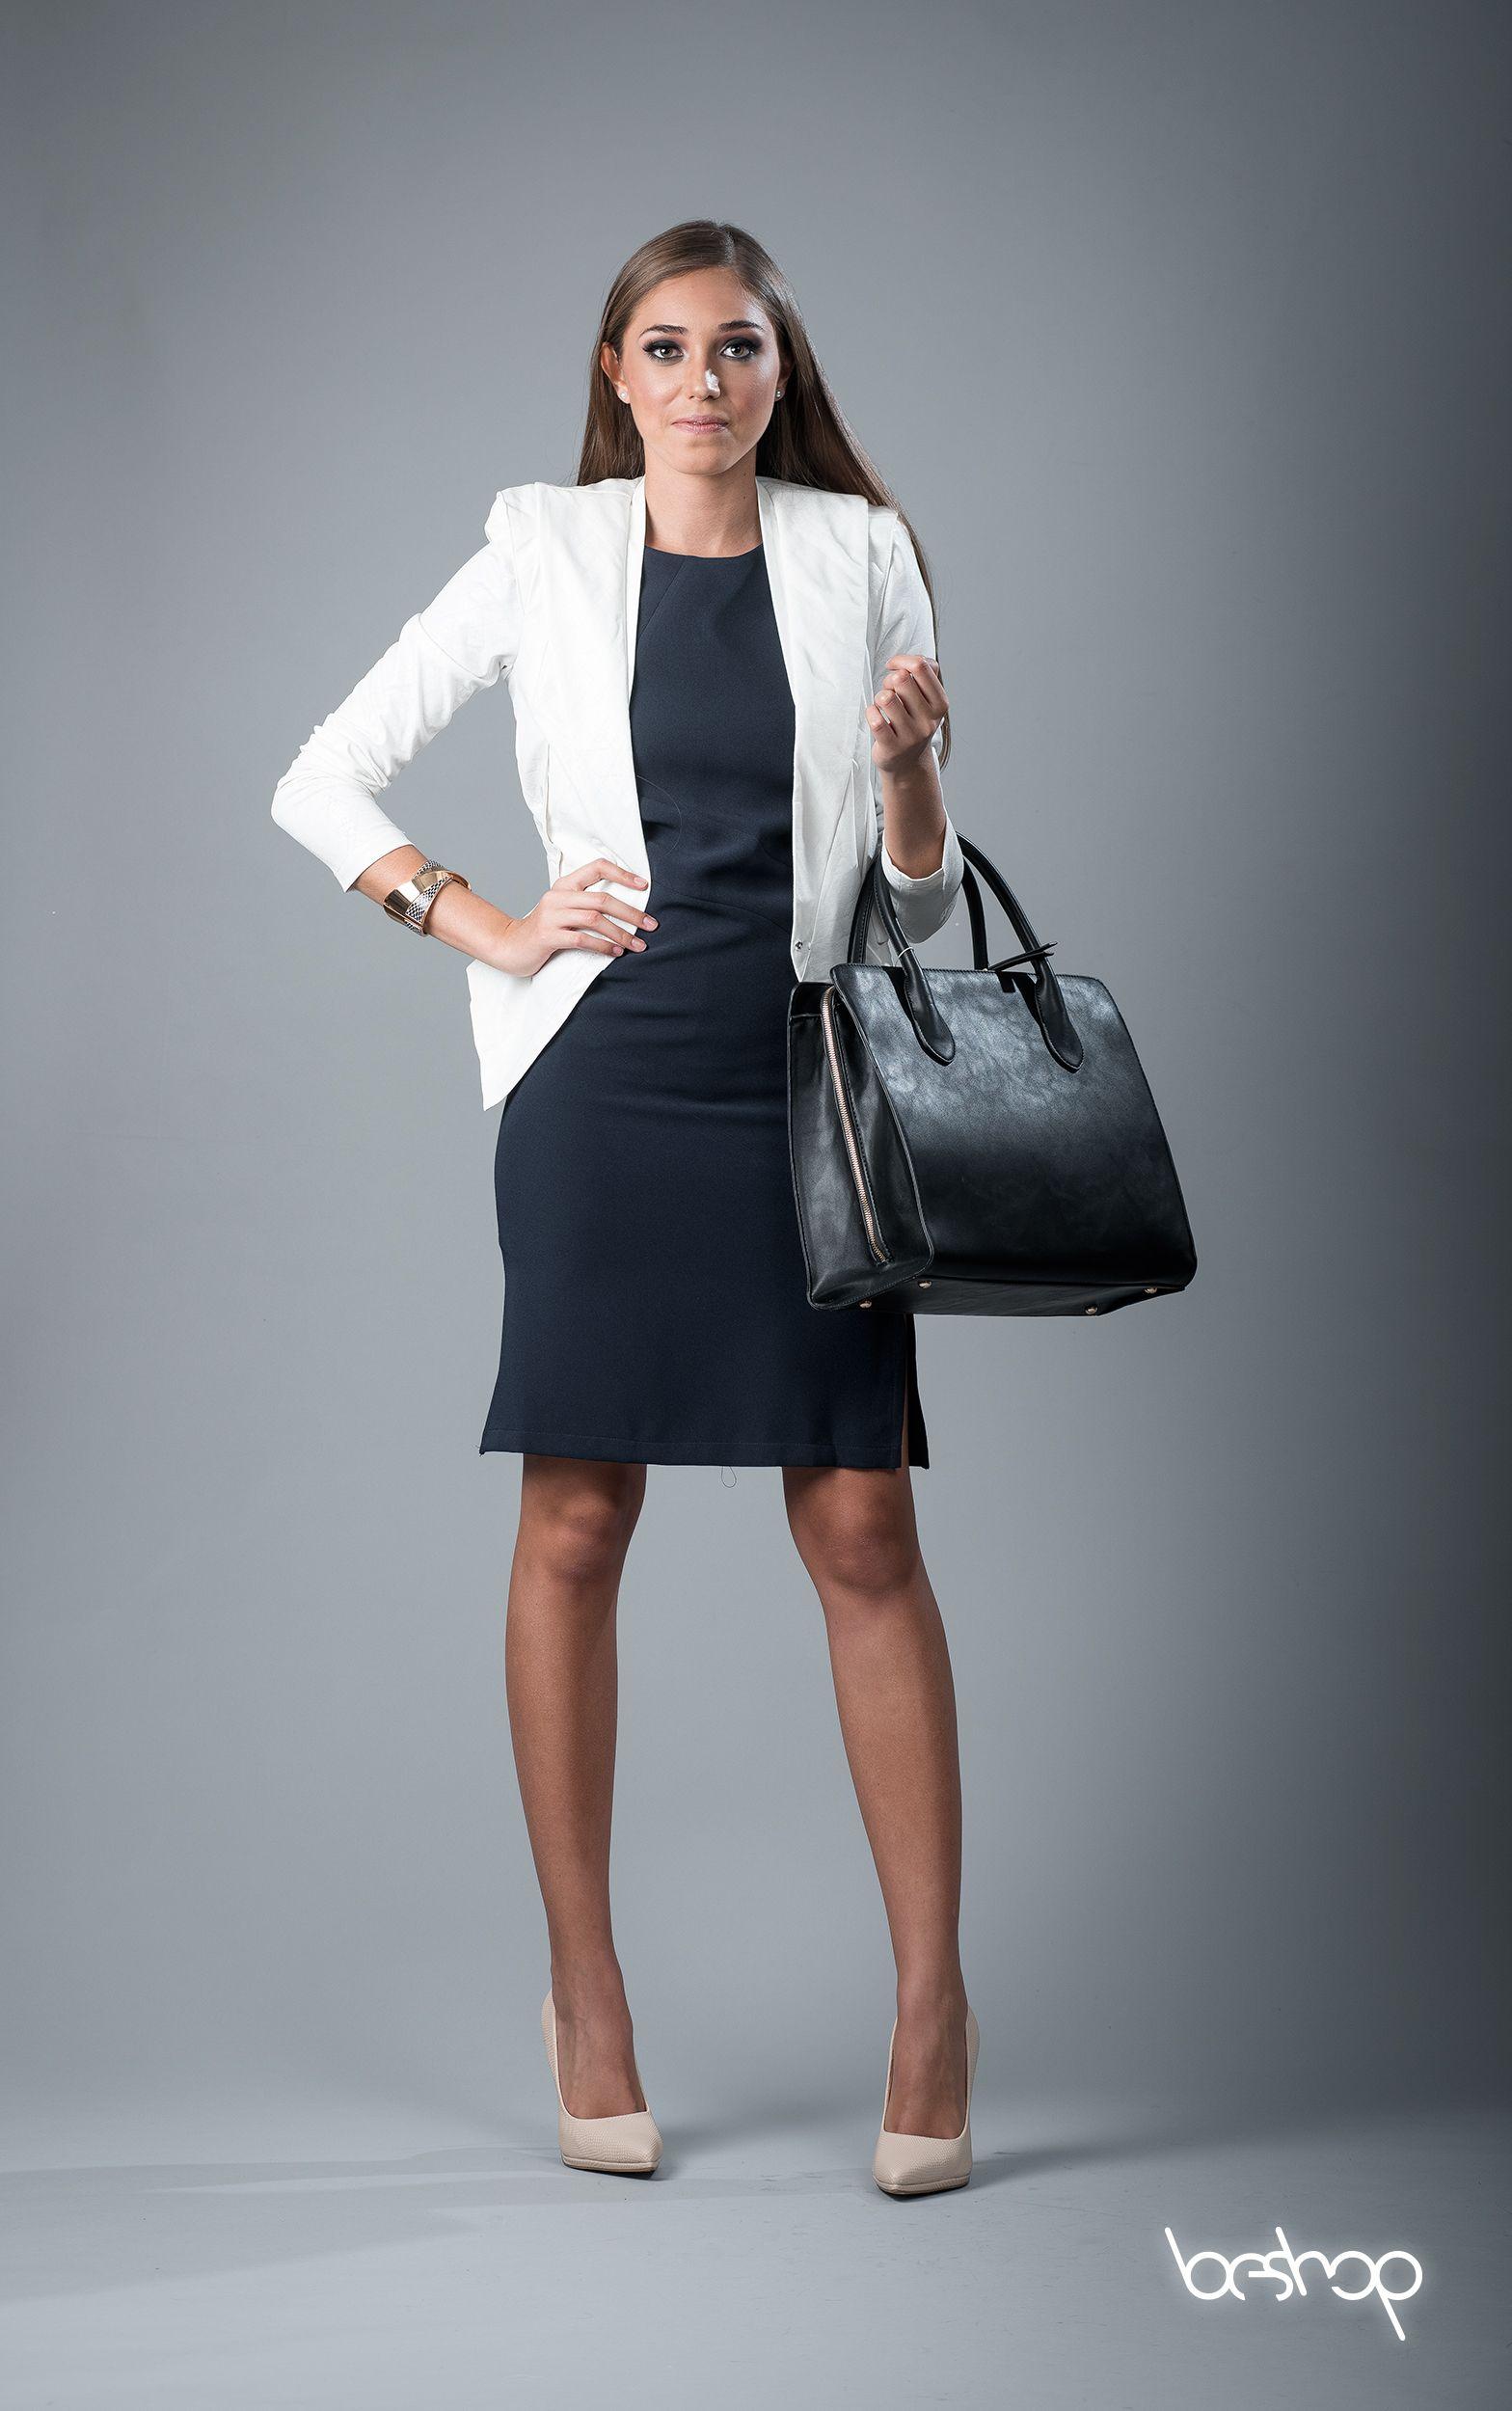 Vestido azul y saco blanco